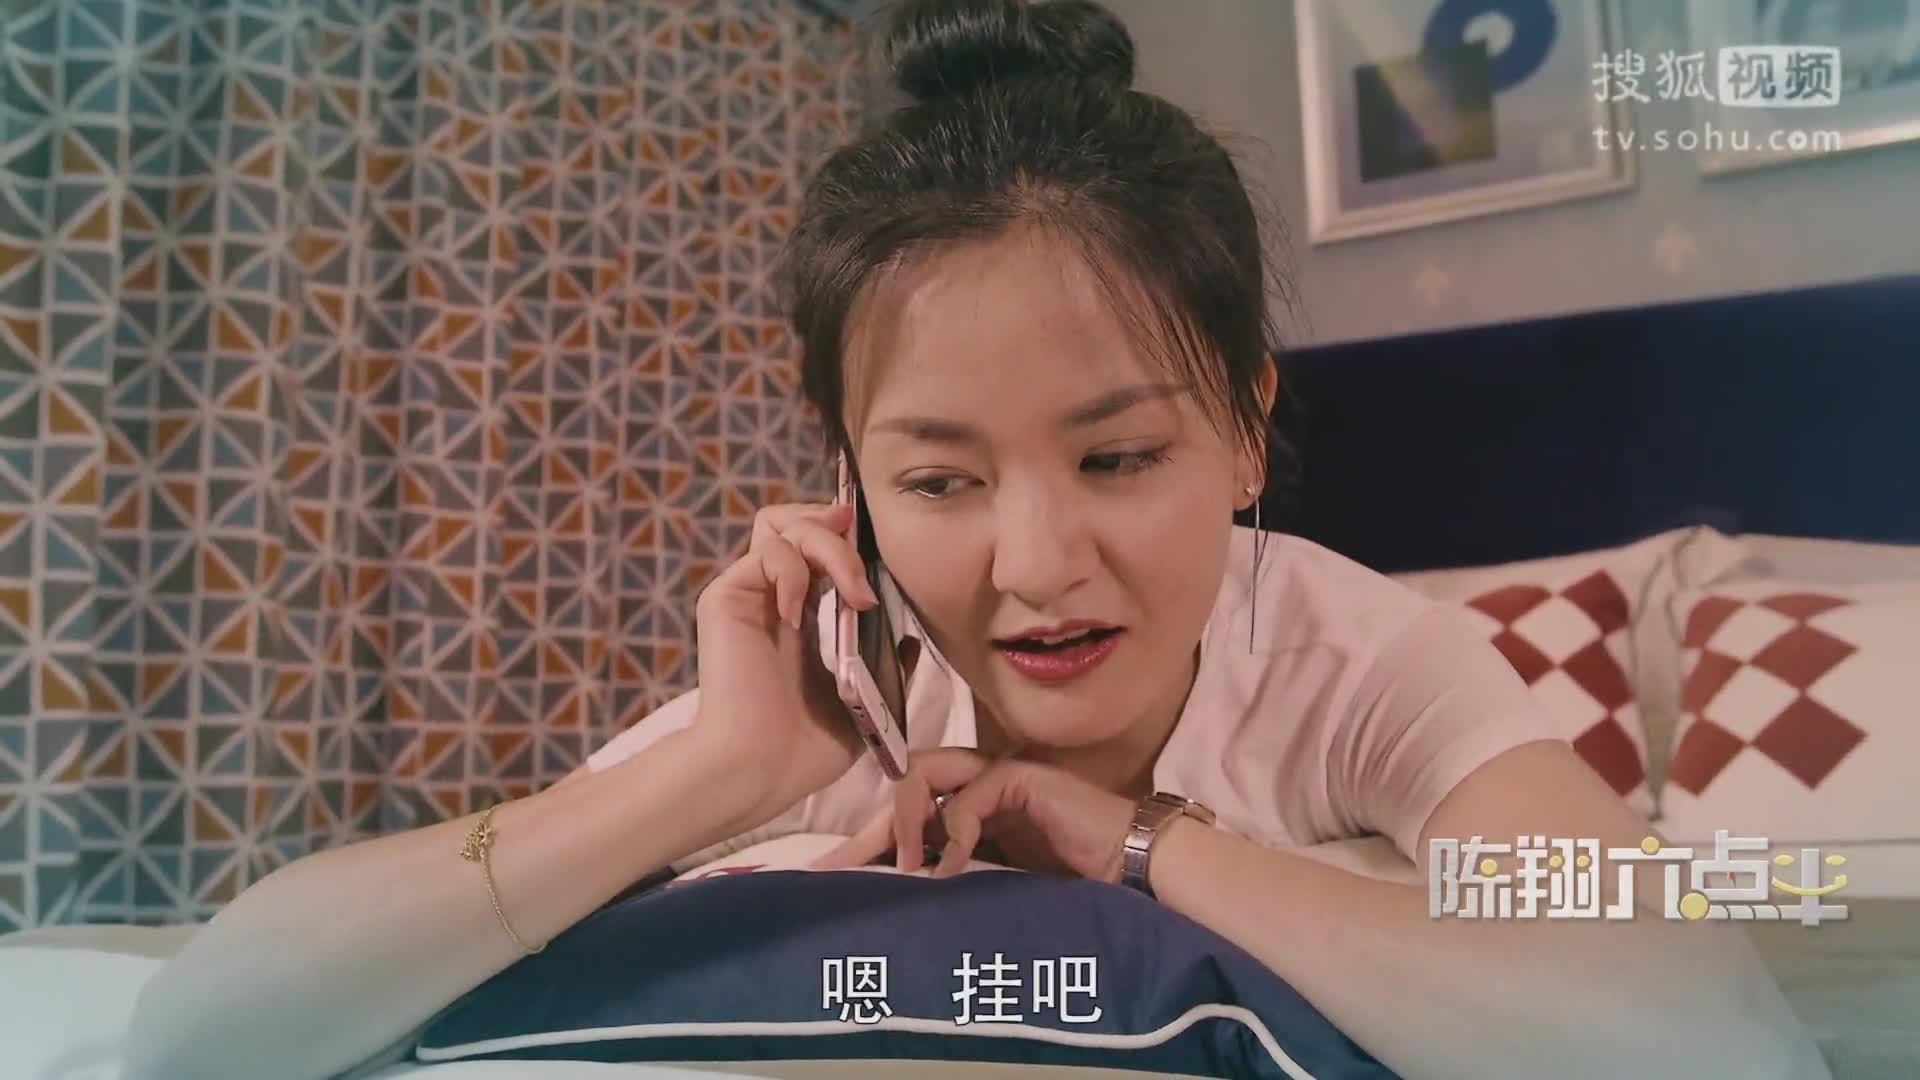 《陈翔六点半》第109集 虐心父子情突变奇葩苦肉戏!